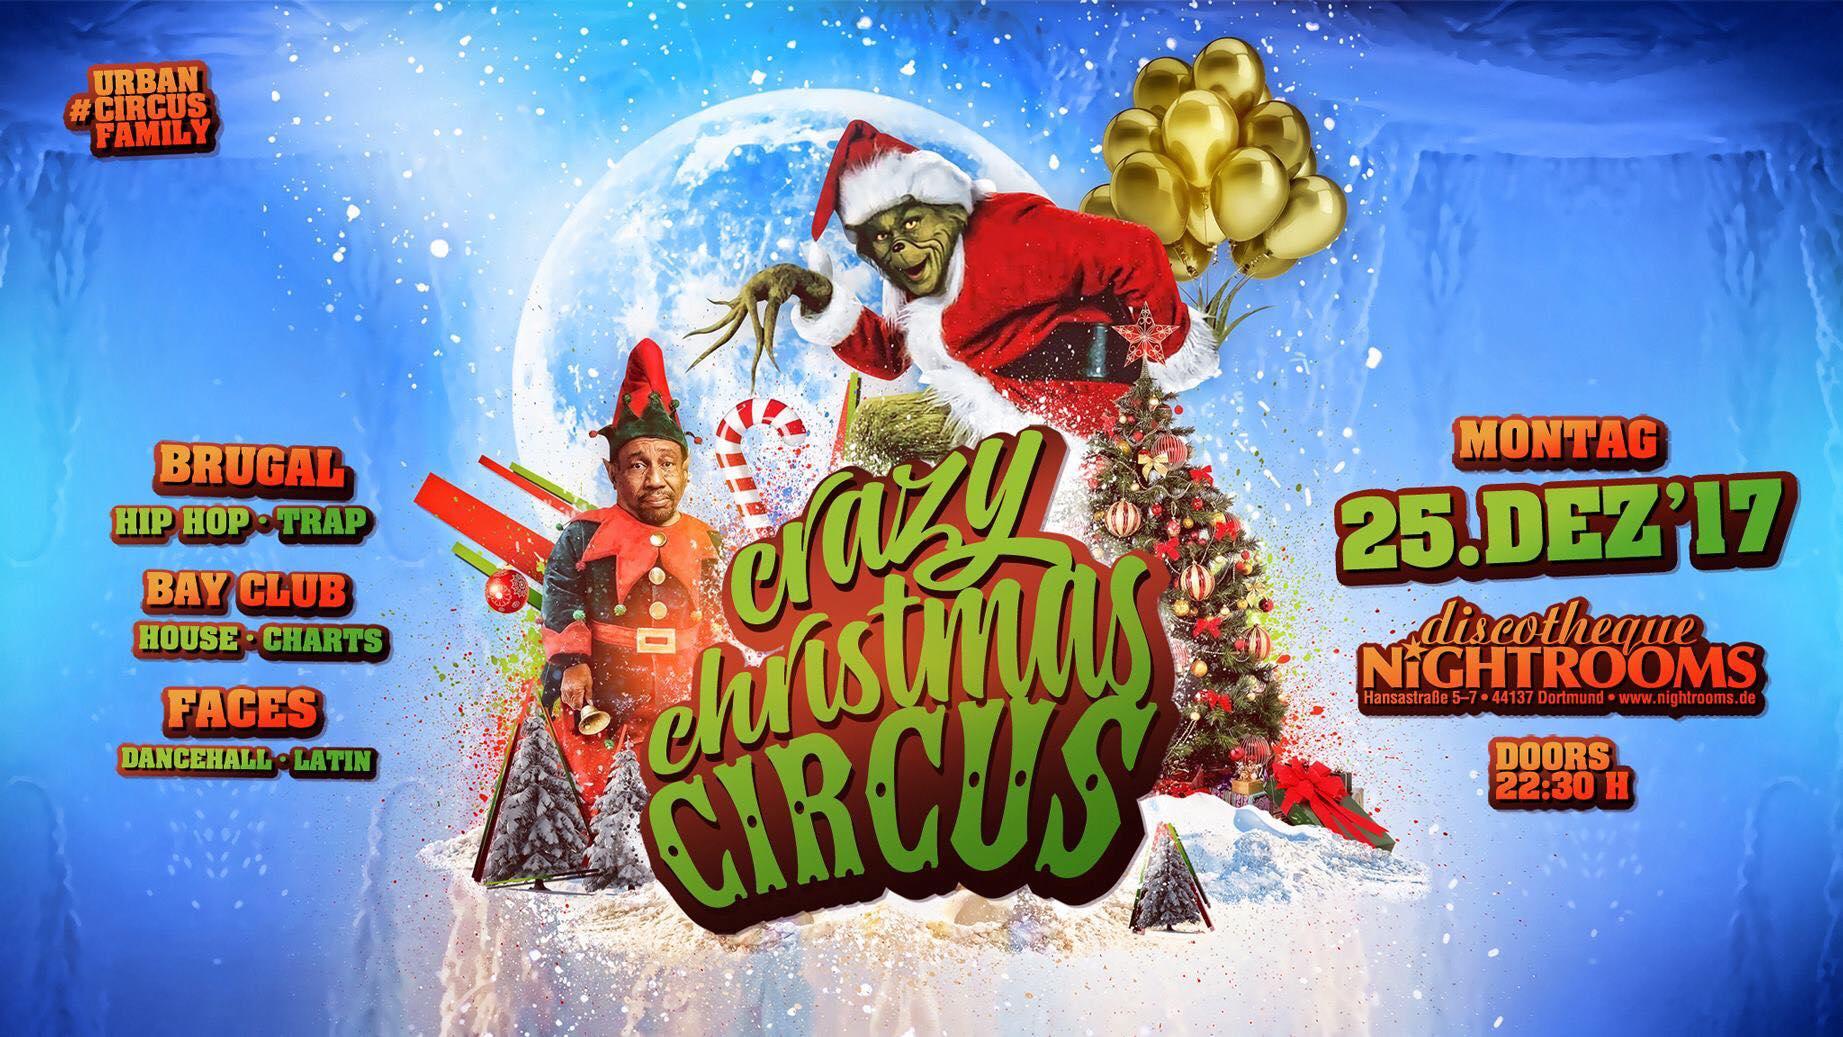 Der kleinwüchsige Schauspieler Peter Brownbill ist heute für den Crazy Chrismas Circus in dem Dortmunder Club Nightrooms als Walk Act gebucht.